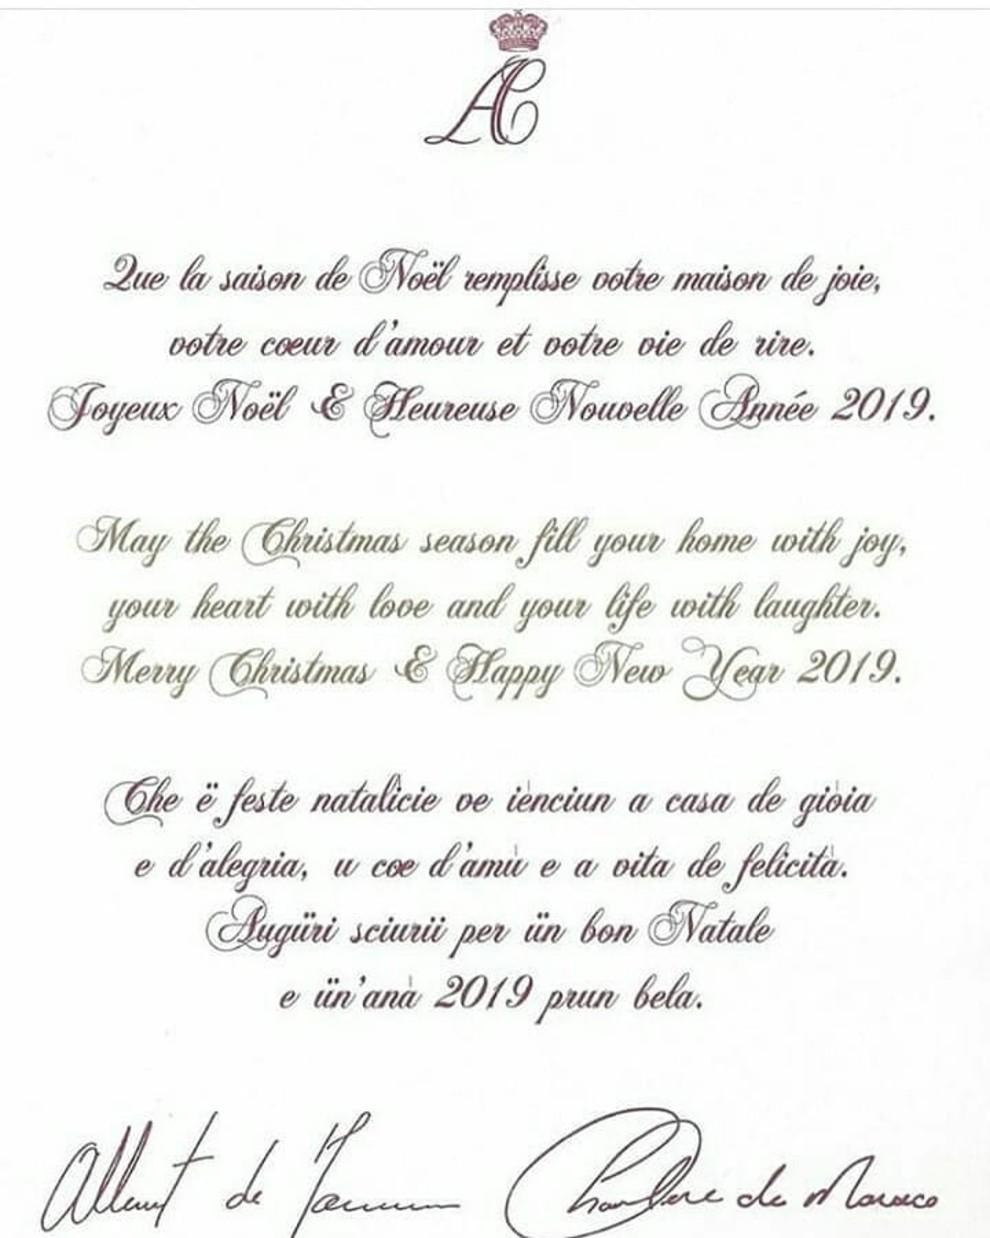 5c18d9e10879f - Поздравление от правящей четы Монако